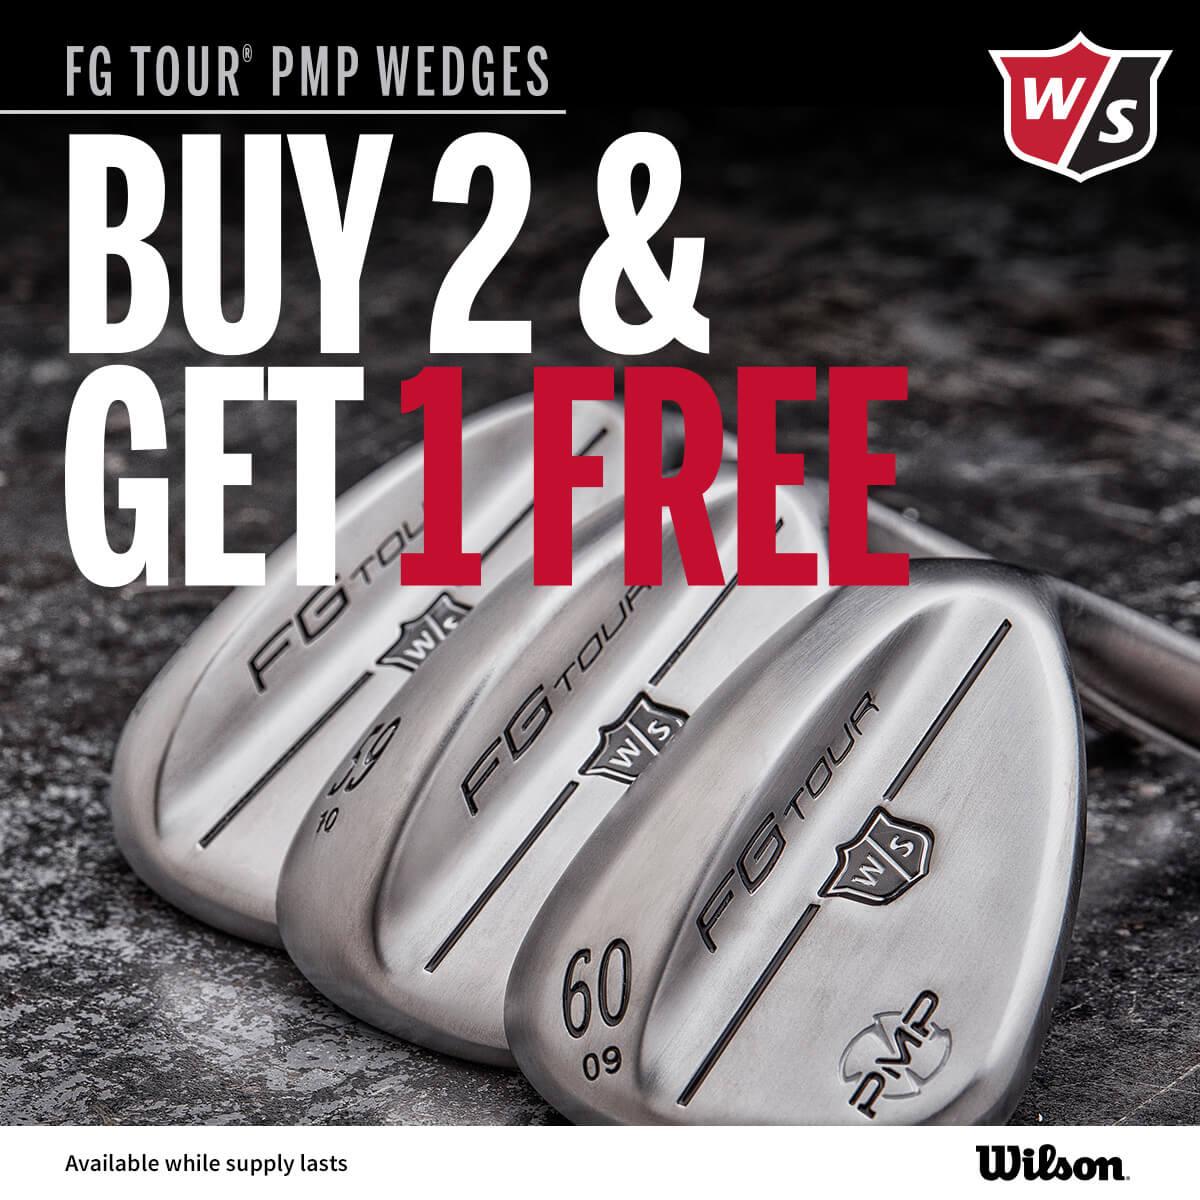 Wilson PMP Wedges Buy 2 Get 1 Free